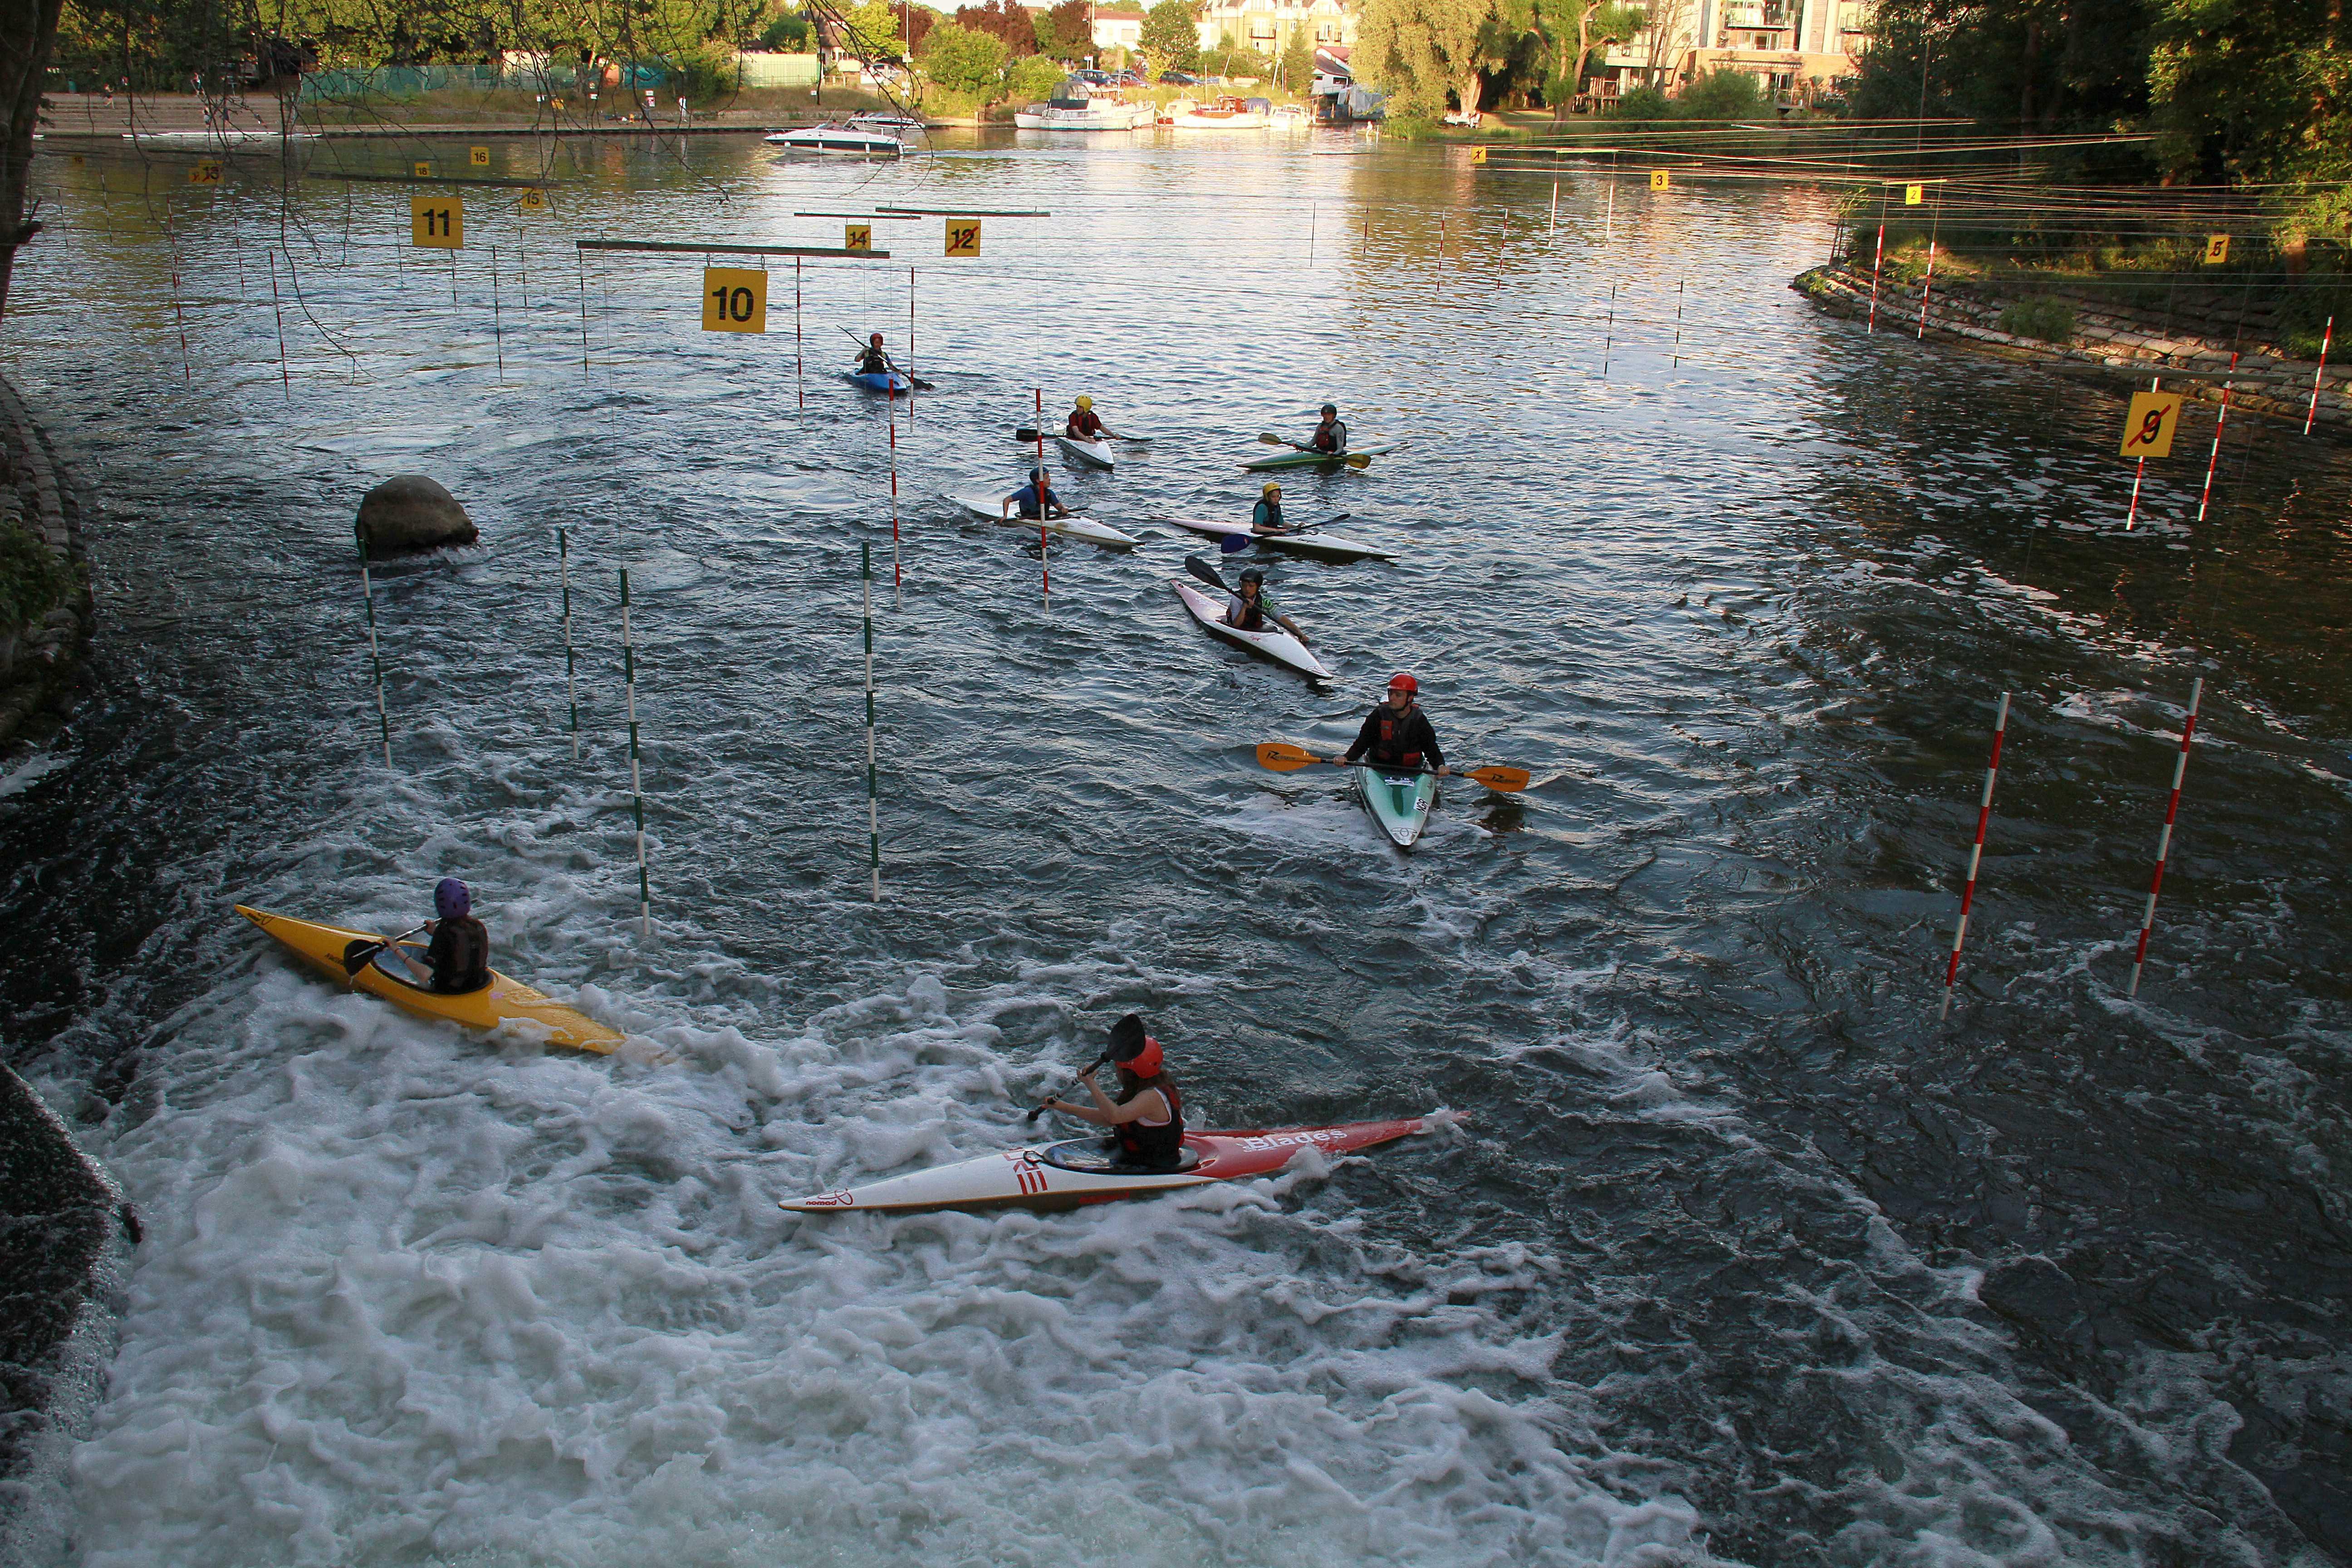 Canoeing / Kayaking taster sessions